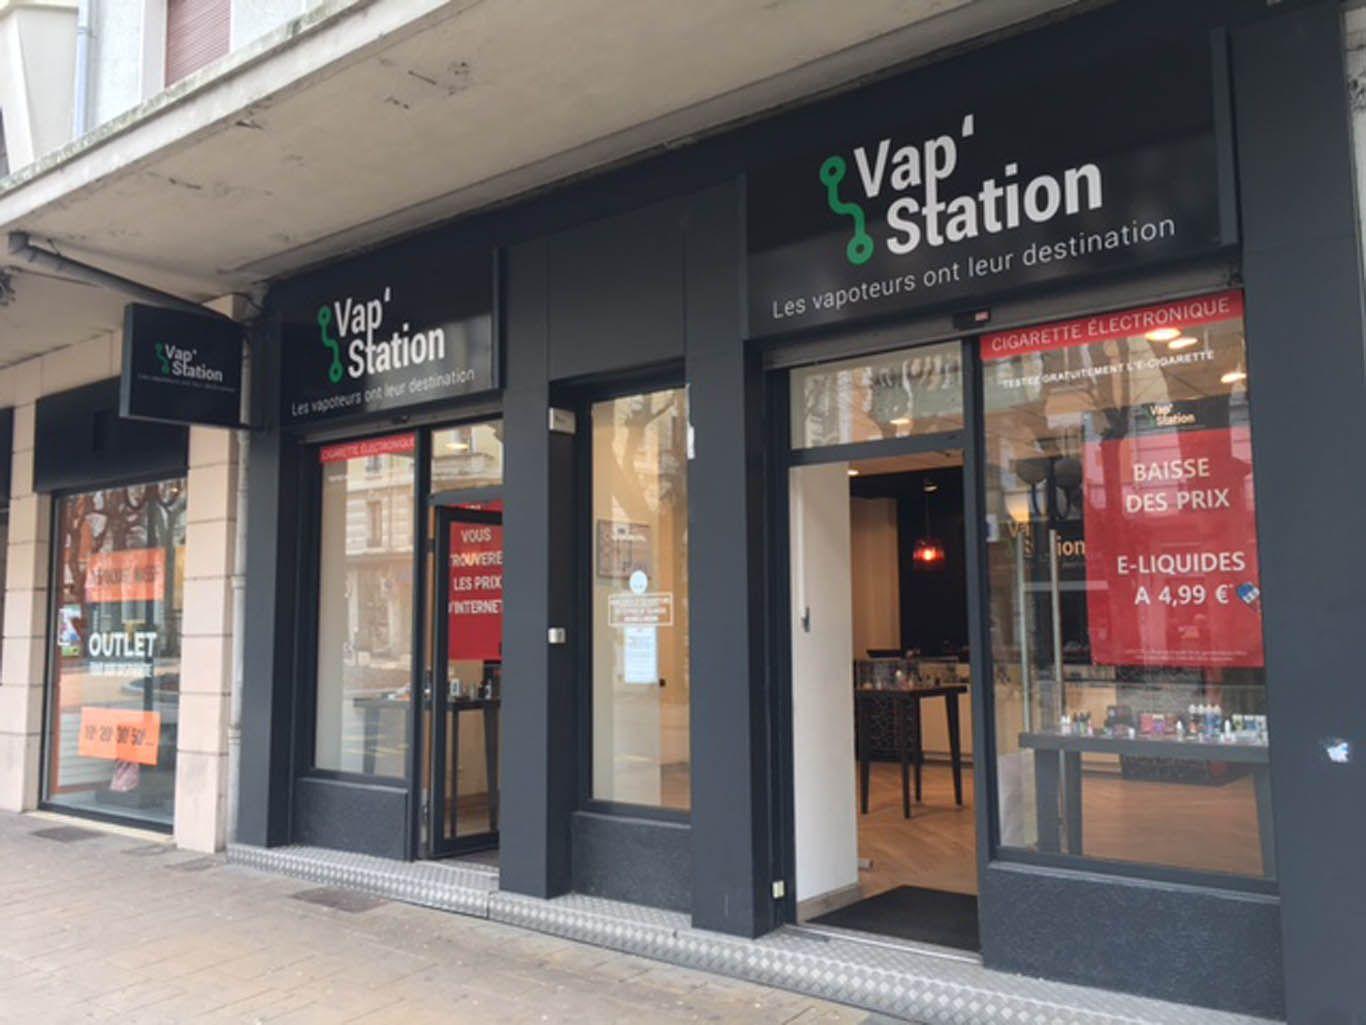 Chambery Vap-station